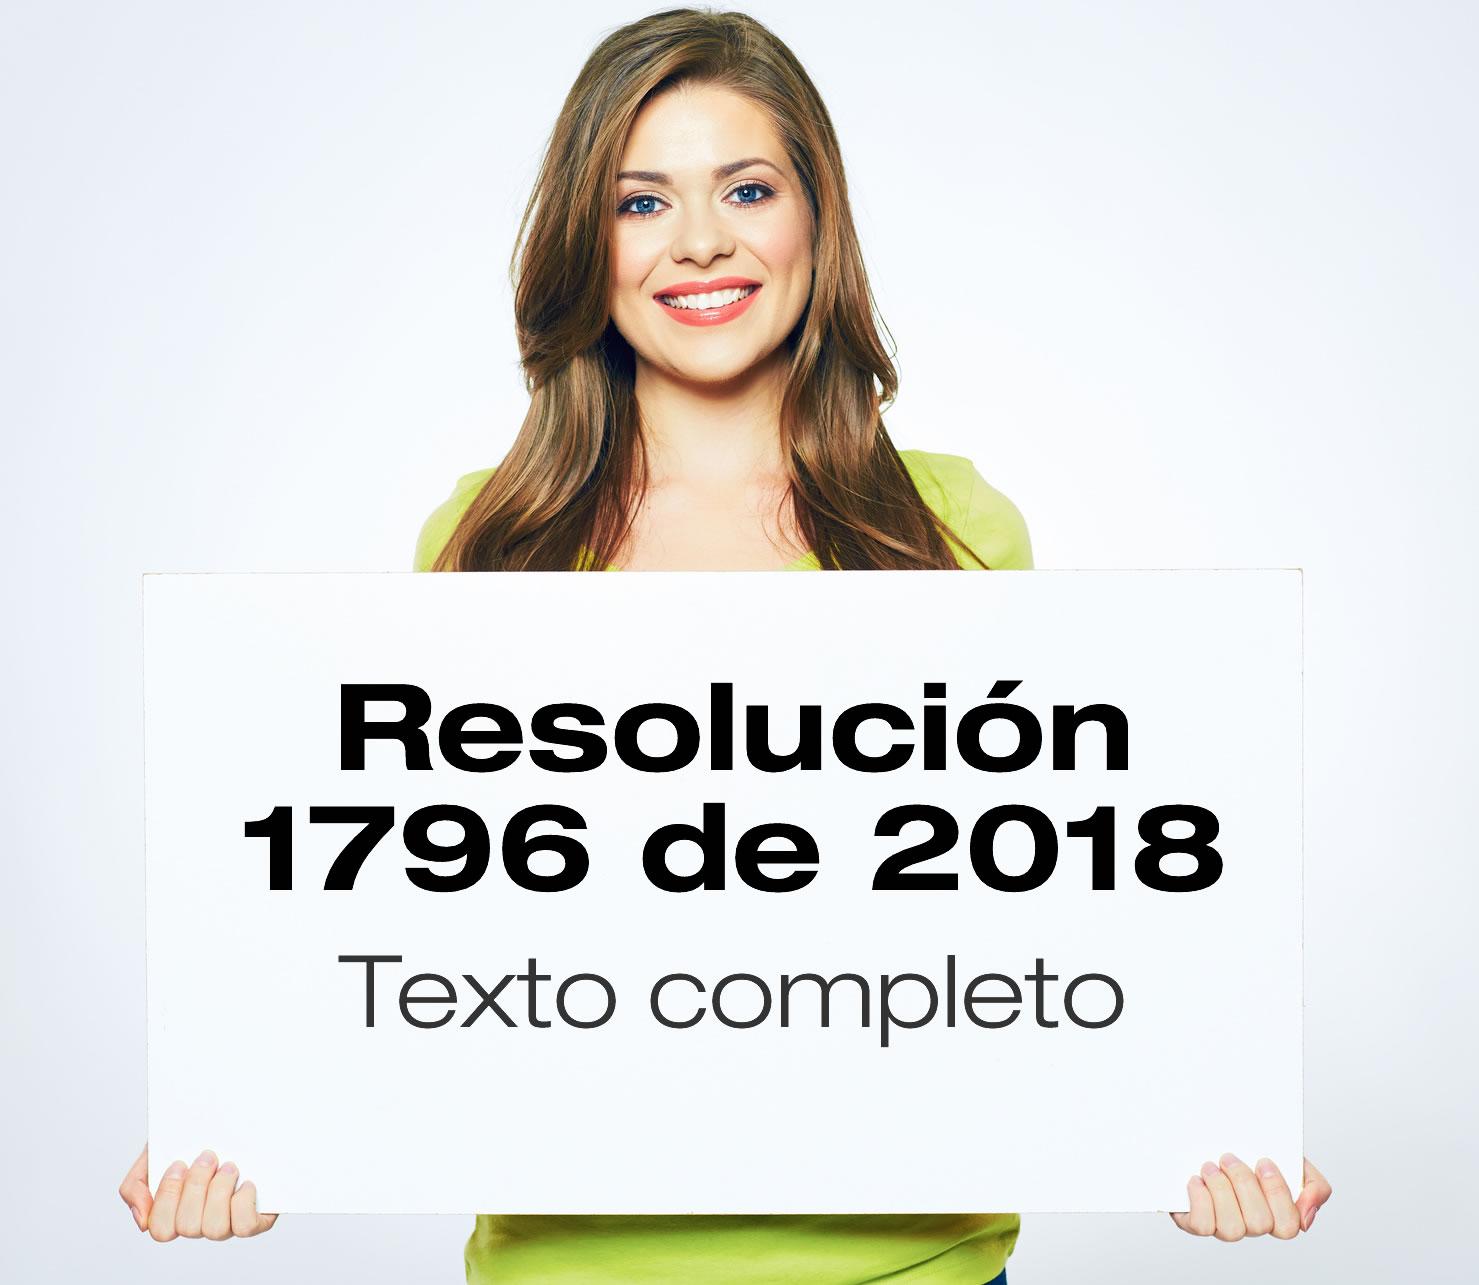 Resolución 1796 de 2018